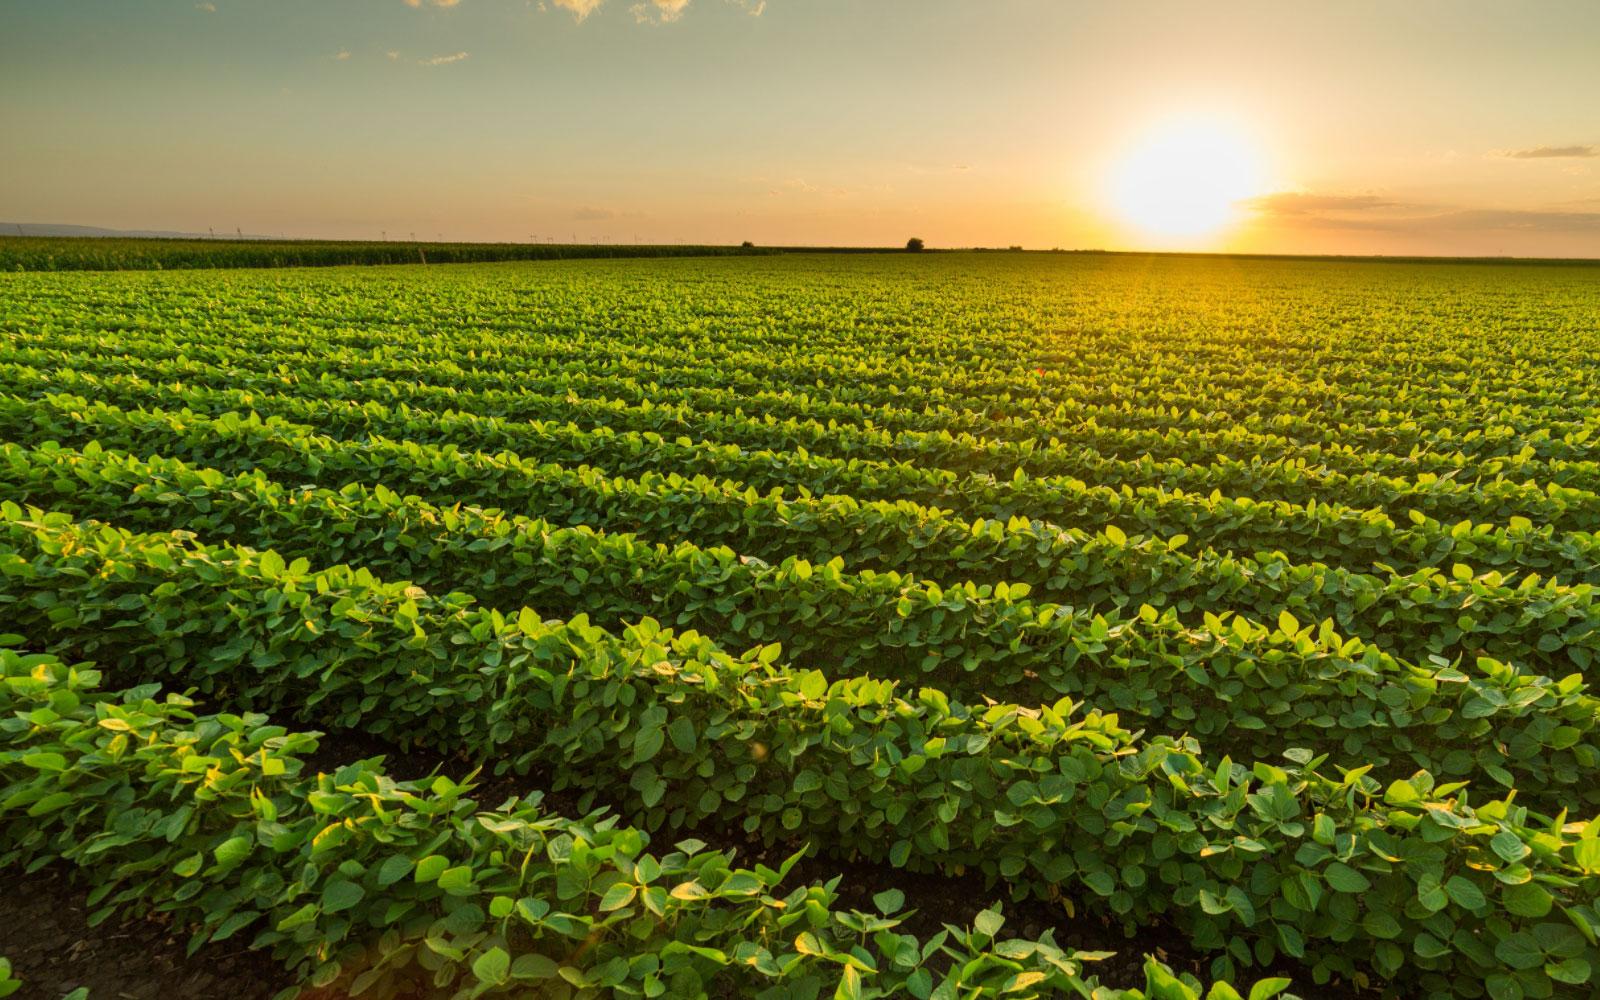 Euralis, partenariats pour les légumes